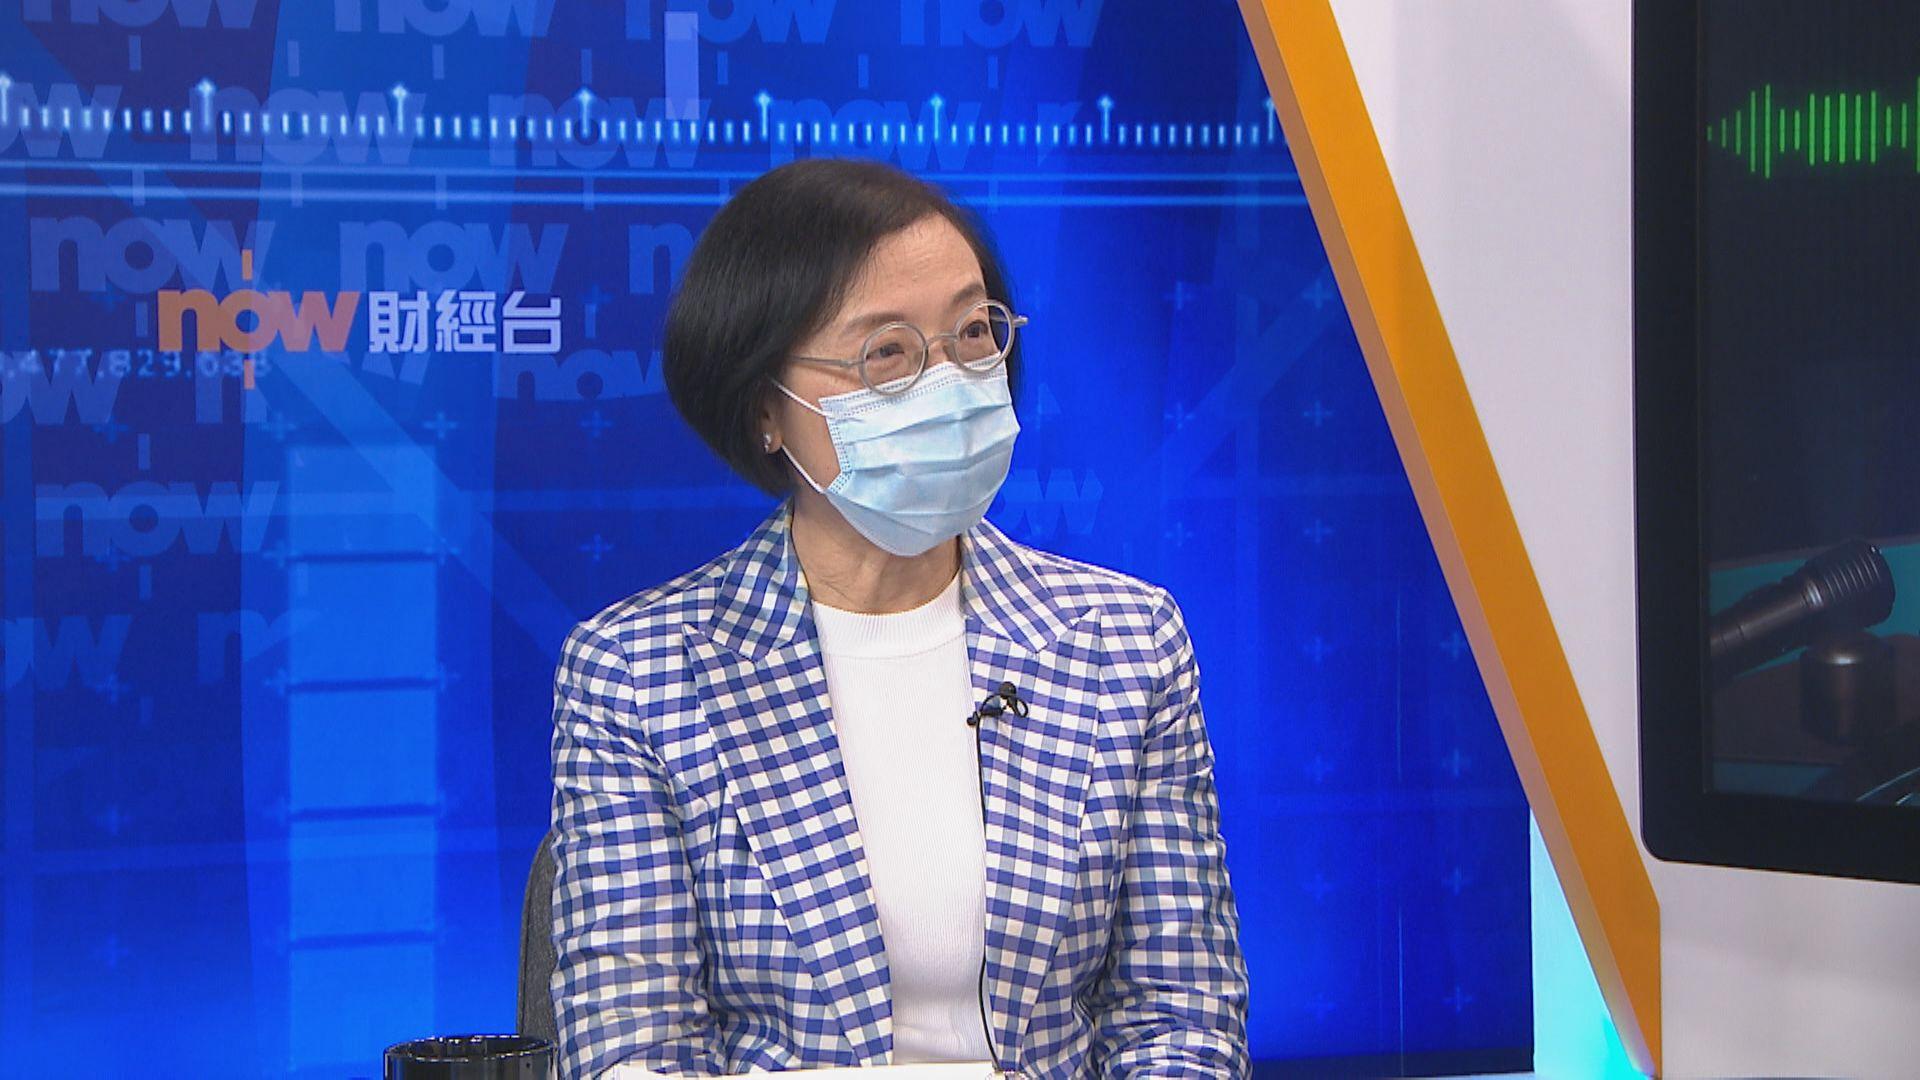 【大鳴大放】全民防疫 強制檢測(一)